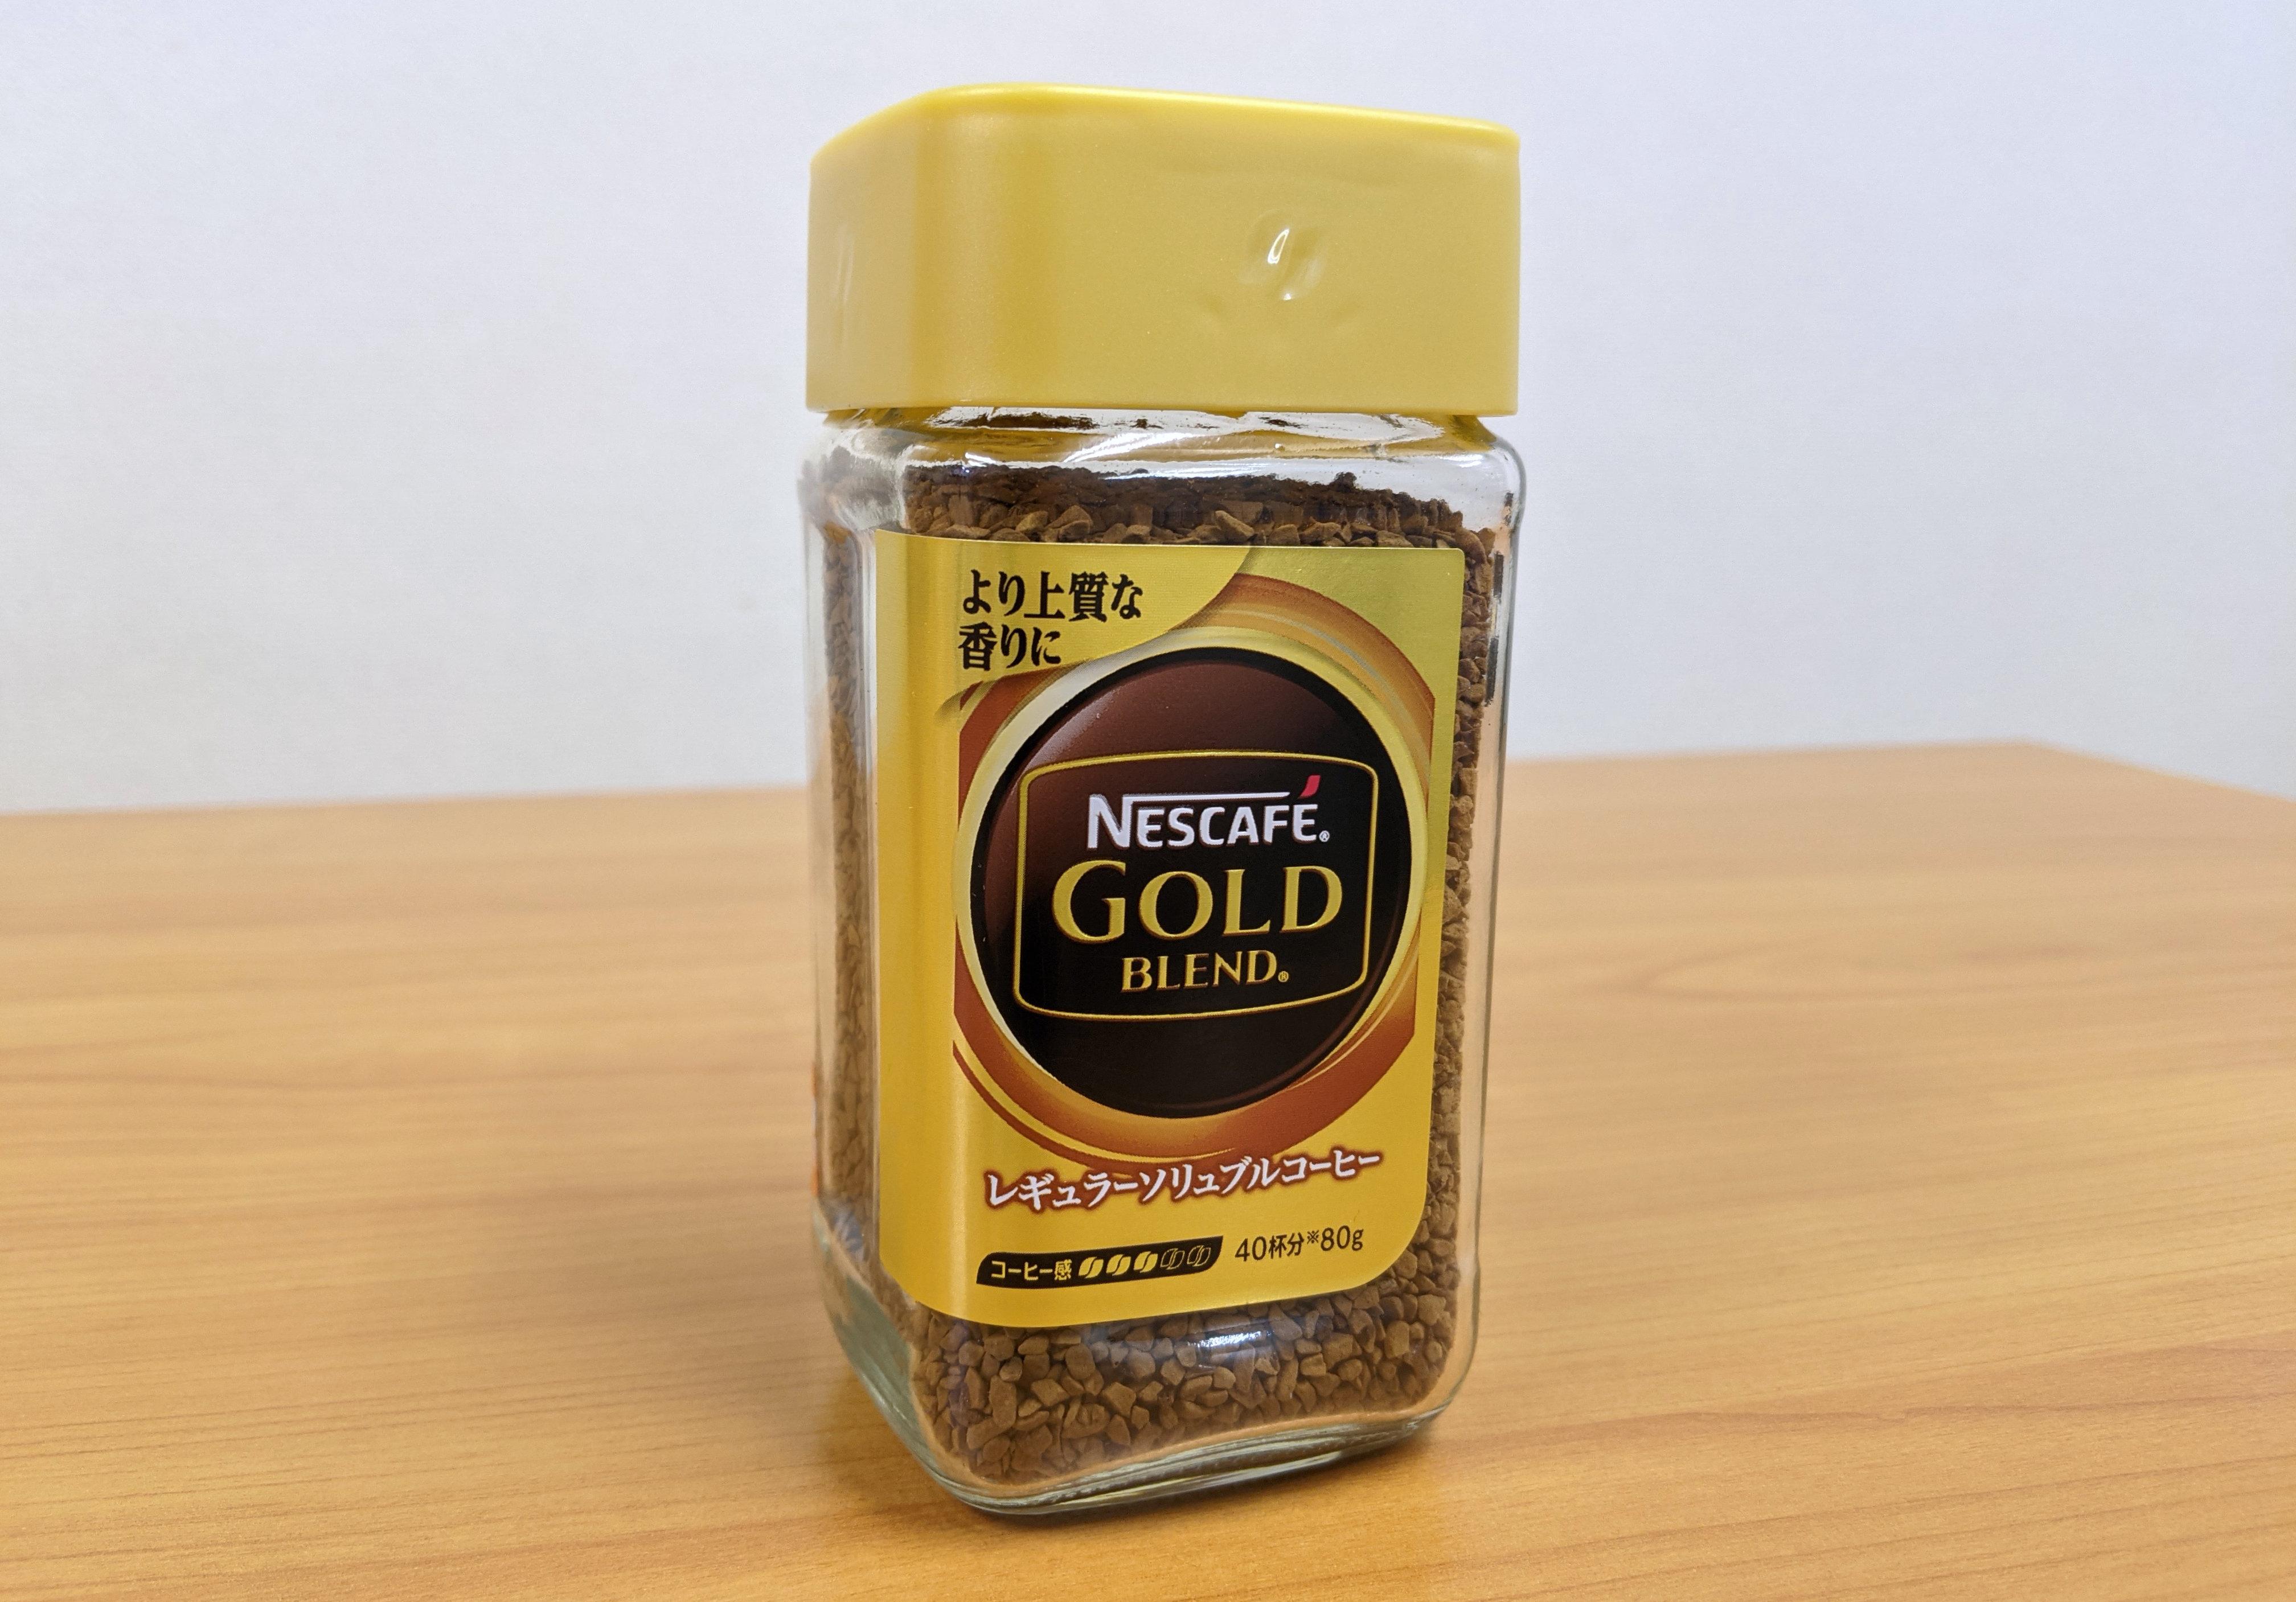 【超カンタン】コーヒー専門店のマスターに聞いた「インスタントコーヒーの美味しい作り方」が目からウロコすぎた!